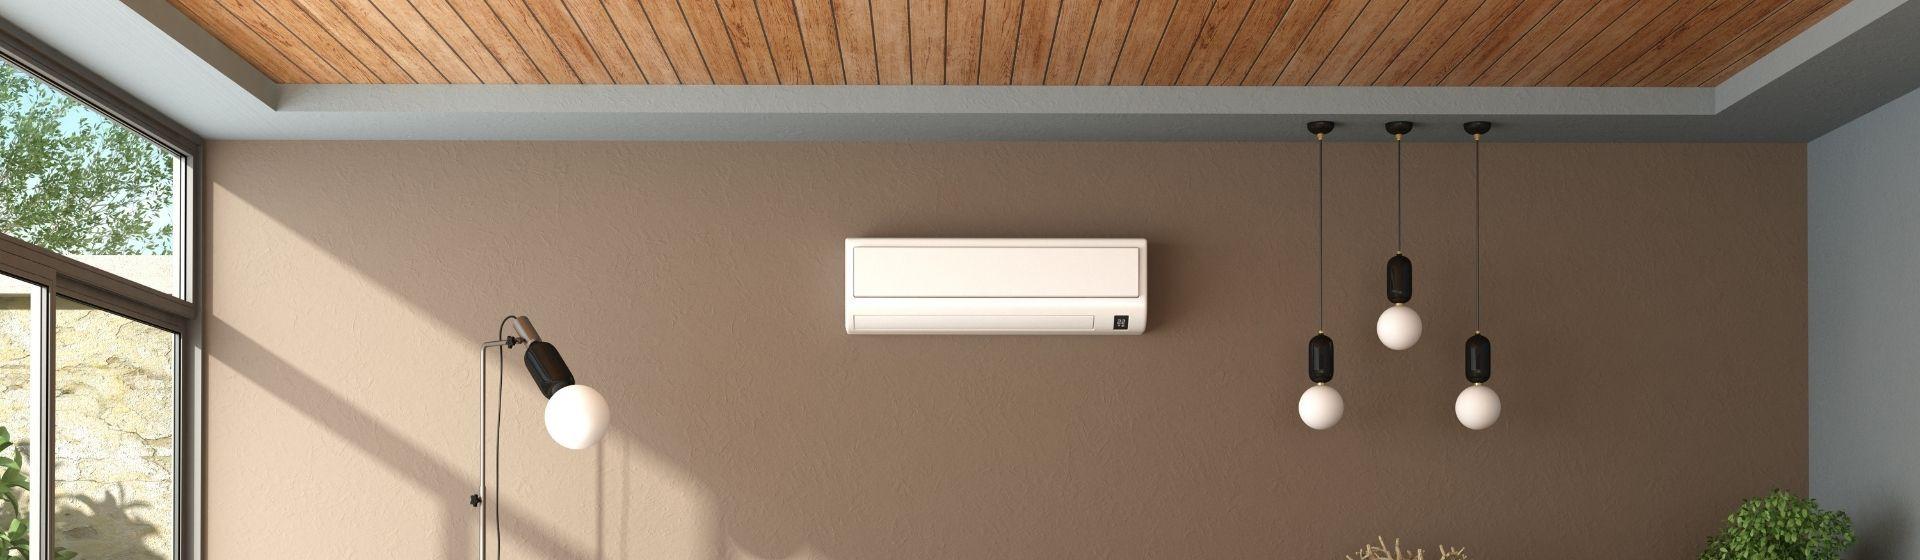 Ares-condicionados split são aparelhos mais silenciosos; confira modelos 2021